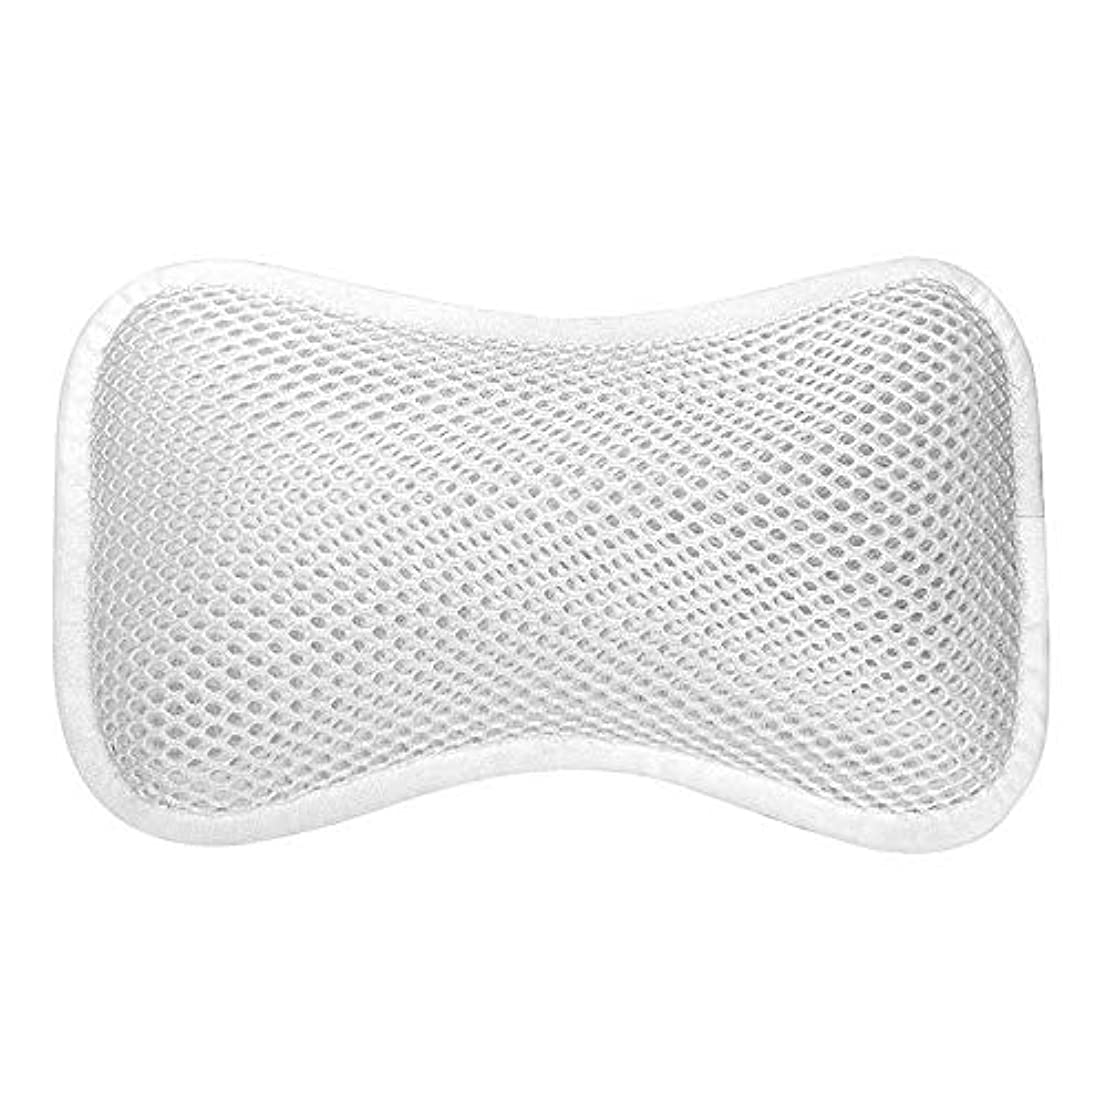 ゆりかごタンク理容師3D網の骨の定形バスタブの枕、吸盤が付いている人間工学的の設計滑り止??めの浴槽の枕